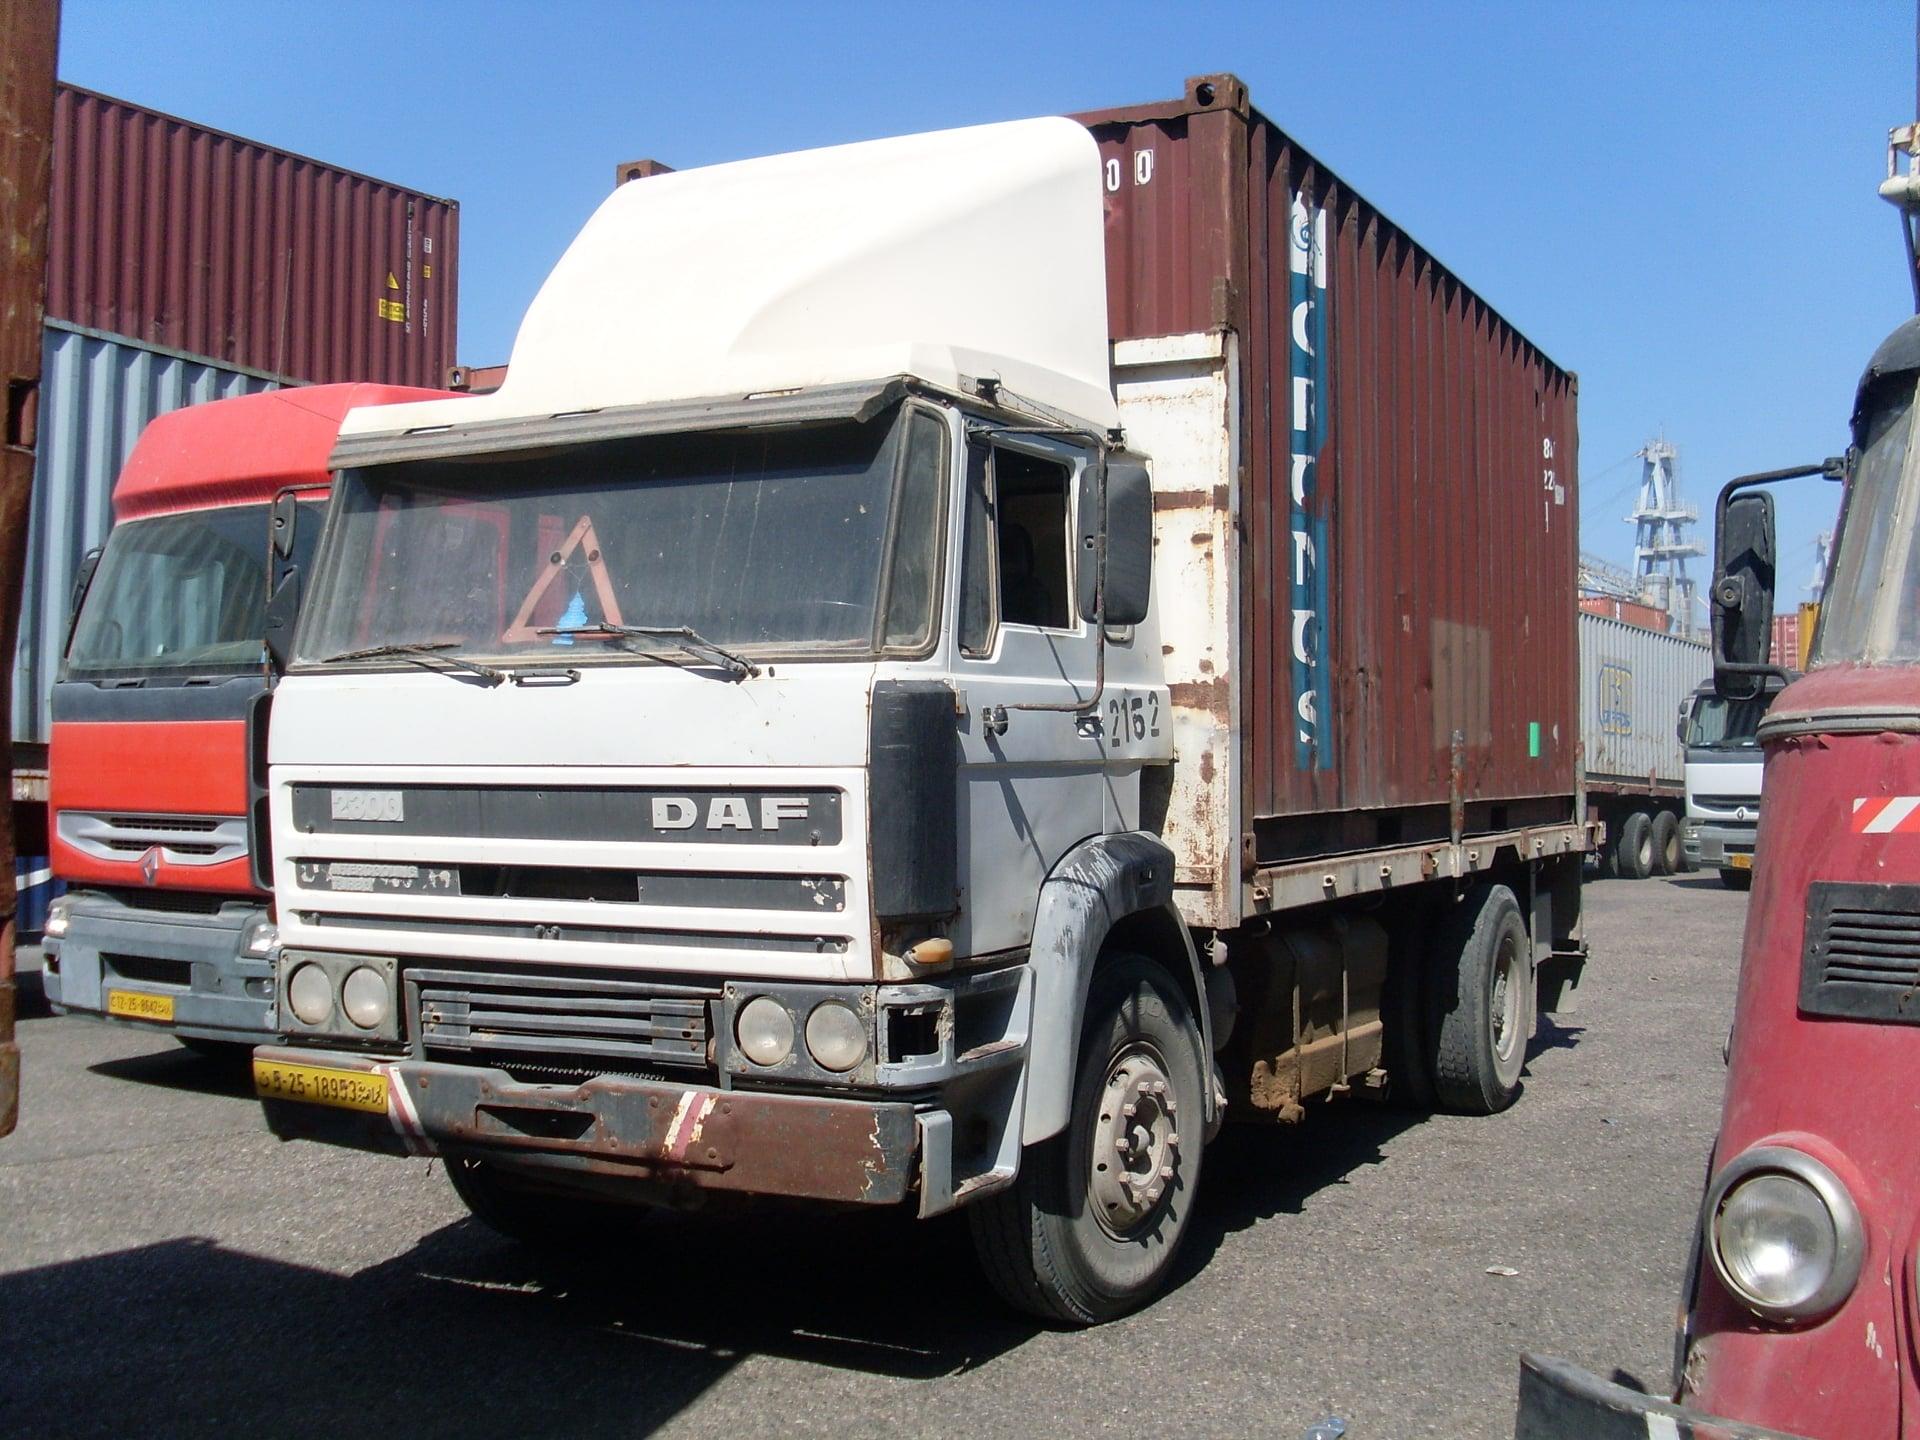 Daf-in-de-haven-van-Tripolie-2018--Ad-van-Heel-geel-archief--(26)